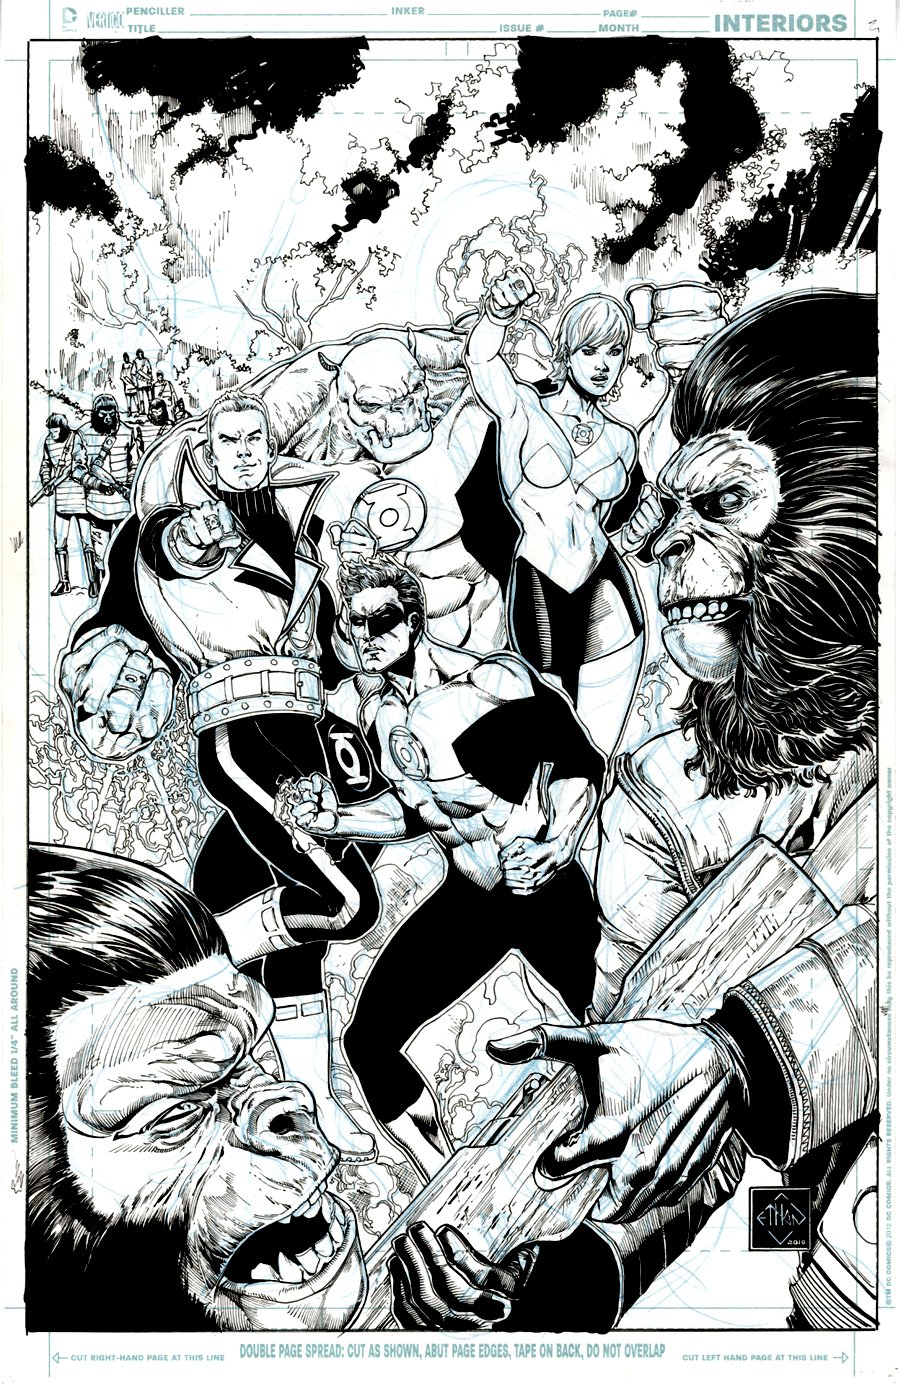 Planet of the Apes: Green Lantern #2 Cover (Green Lanterns: Hal Jordan, Guy Gardner, Kilawog and Arisa) 2017